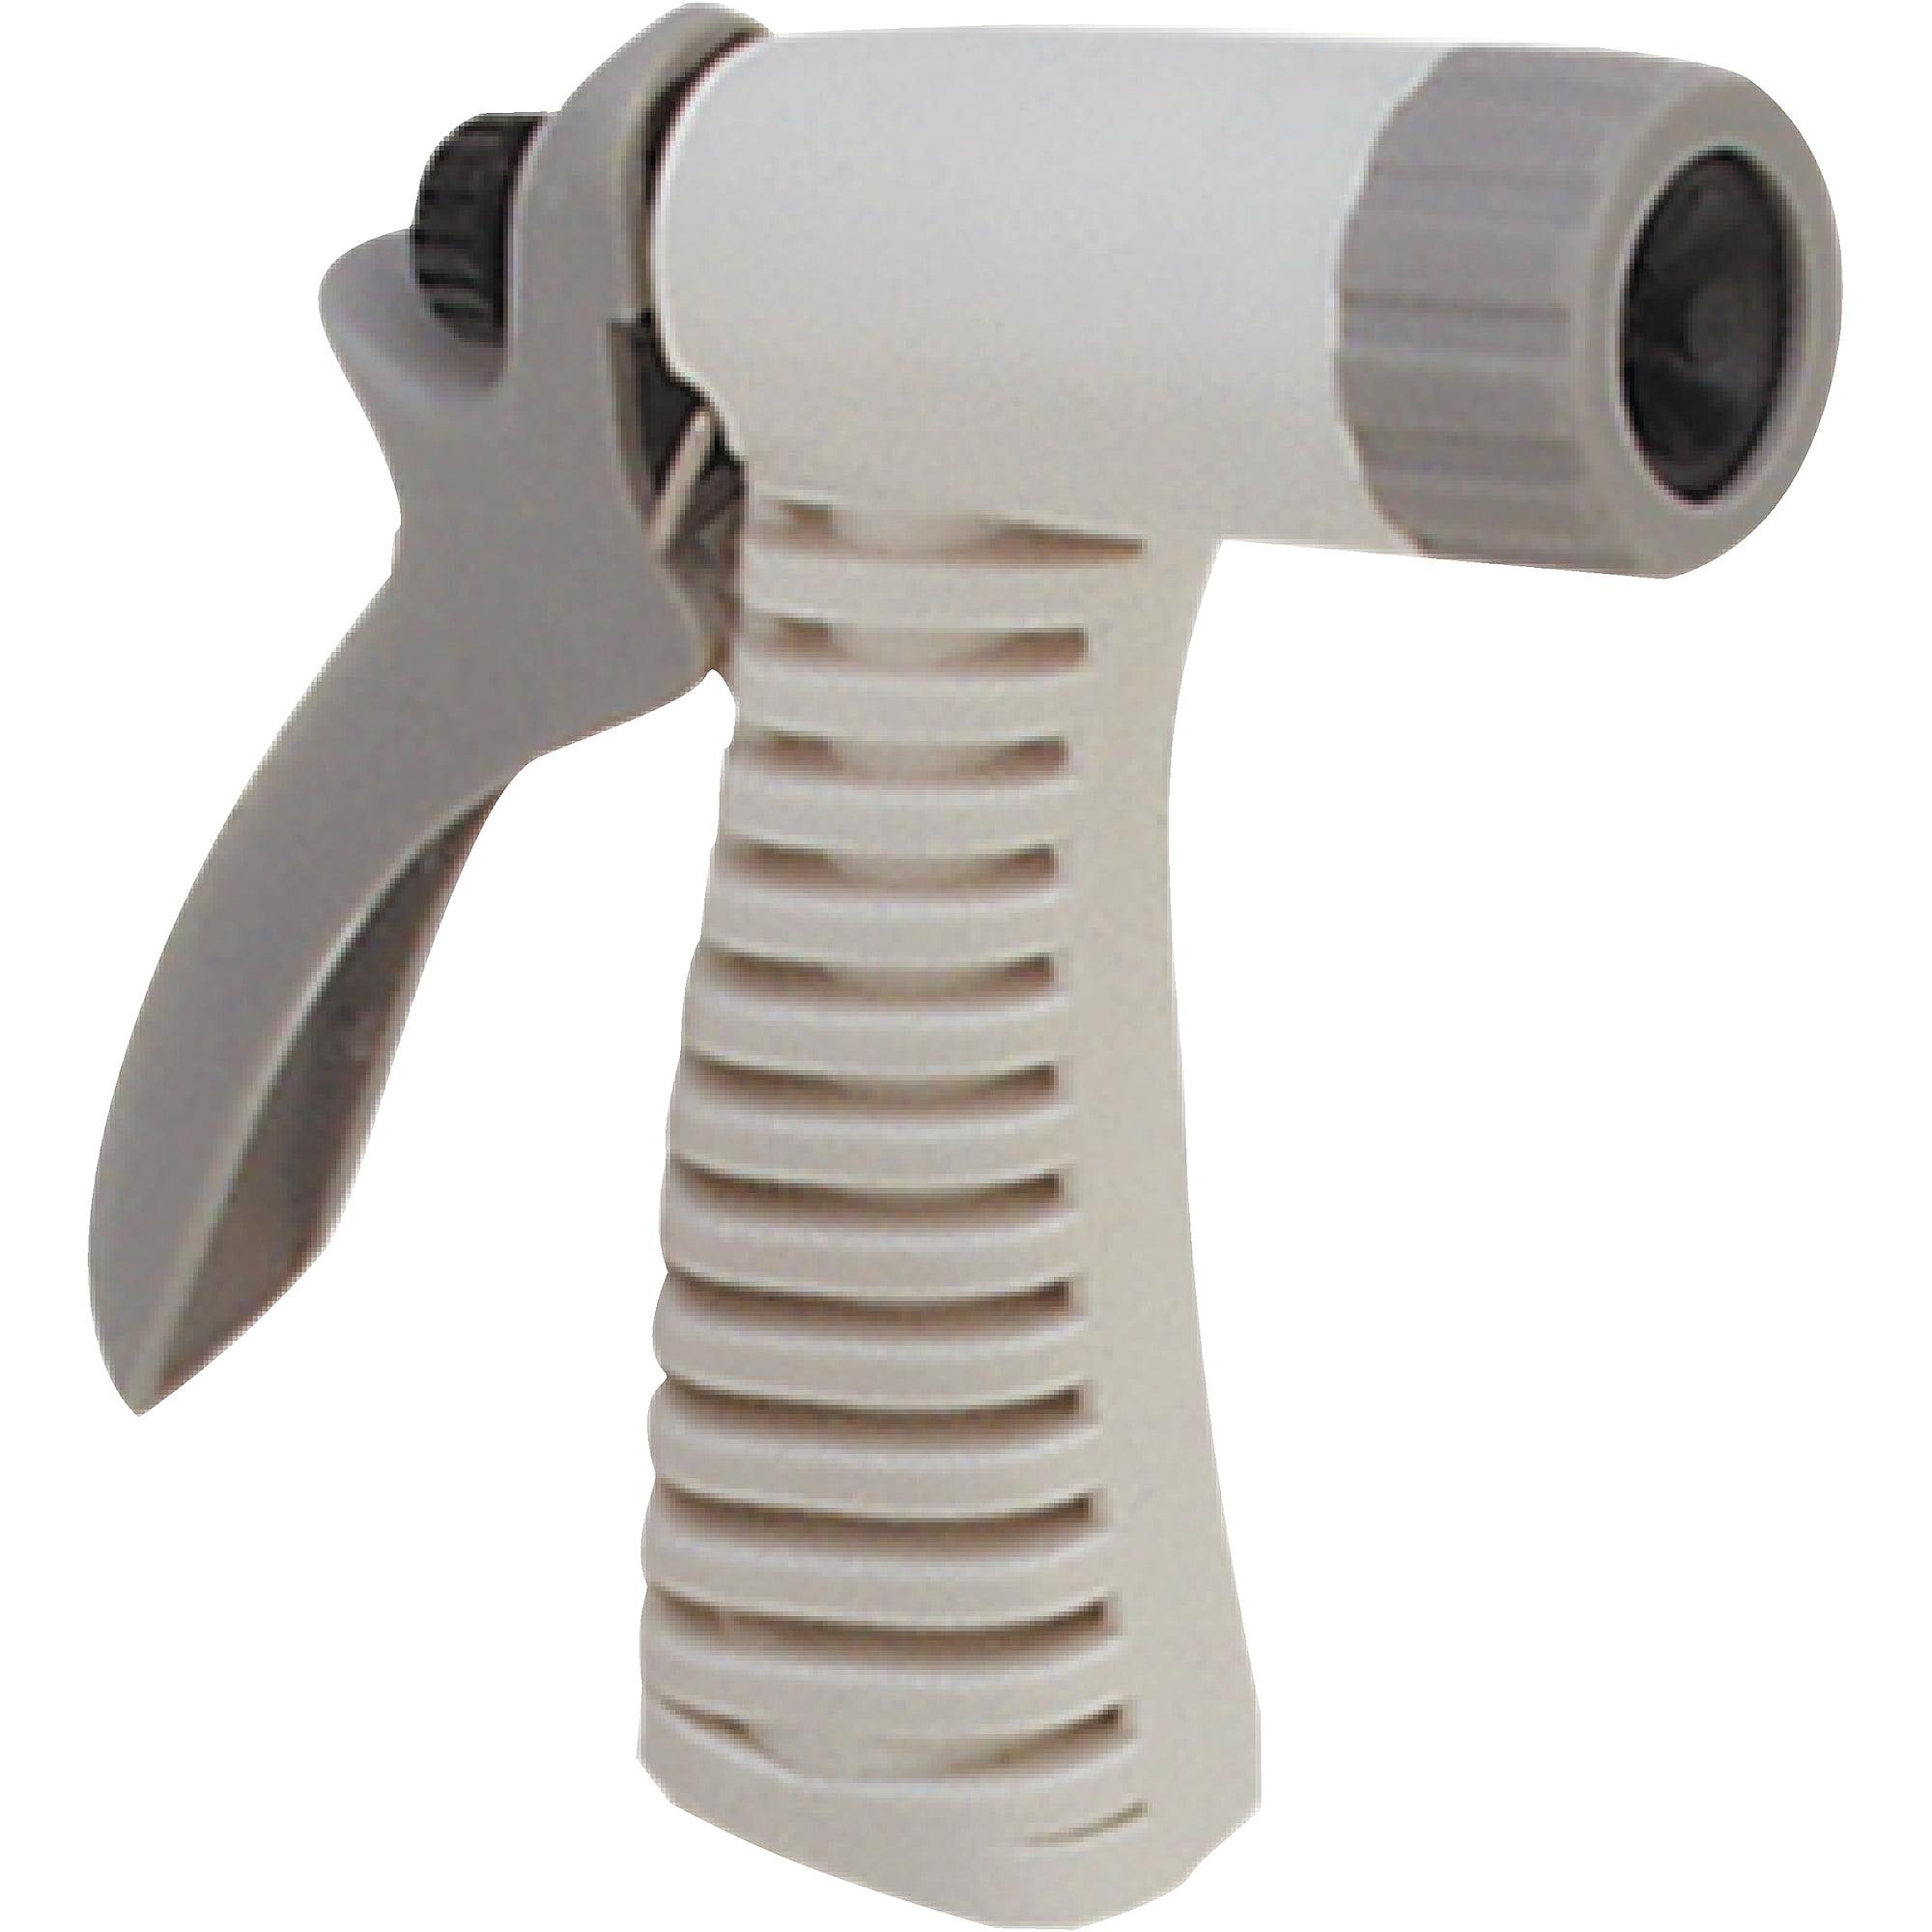 Shurflo Blaster Fully Adjustable Hose Nozzle